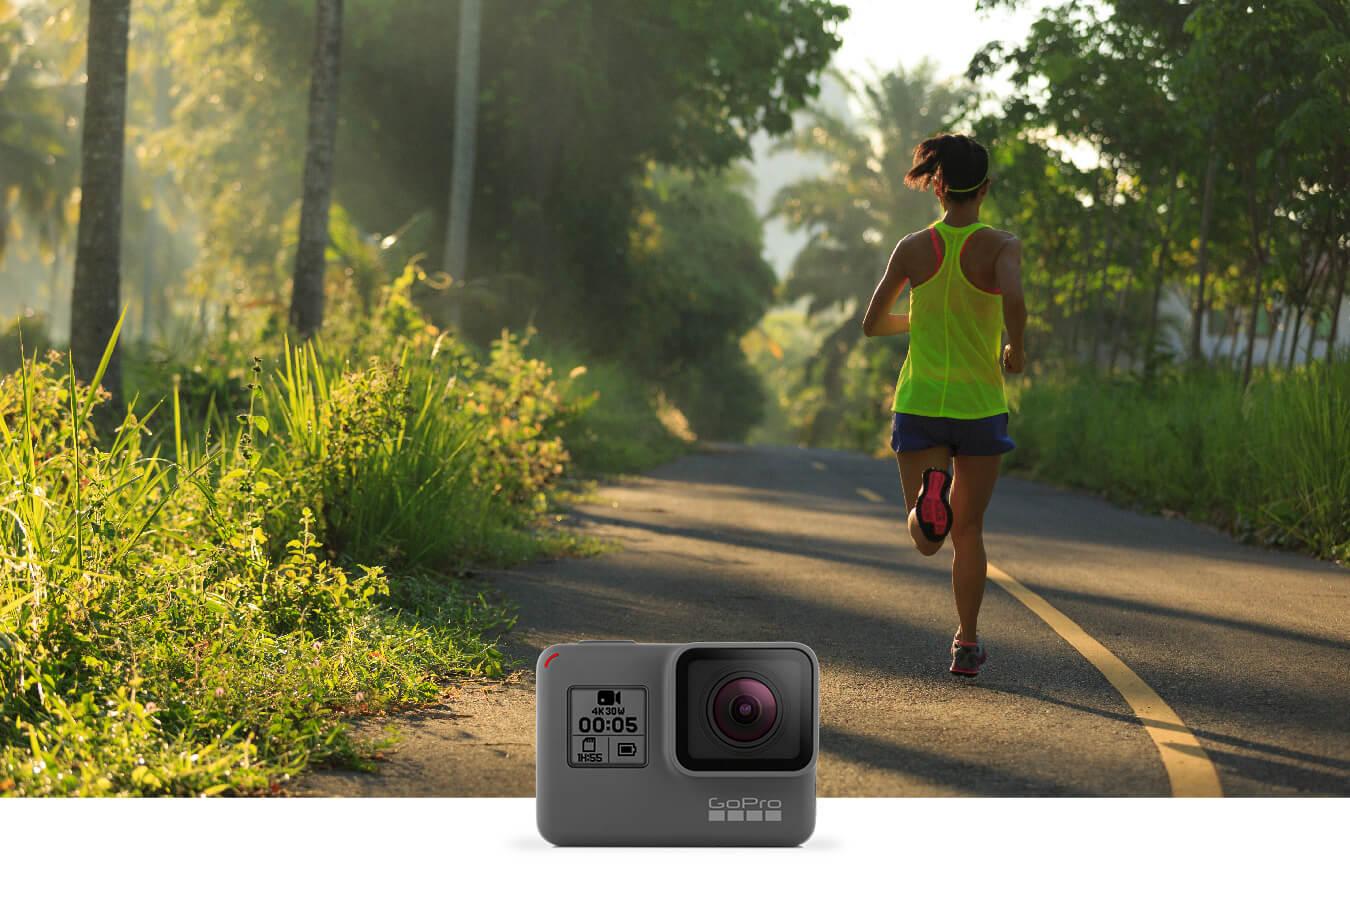 nagradni-natjecaj-pokreni-se-i-uhvati-gopro-hero5-black-kameru